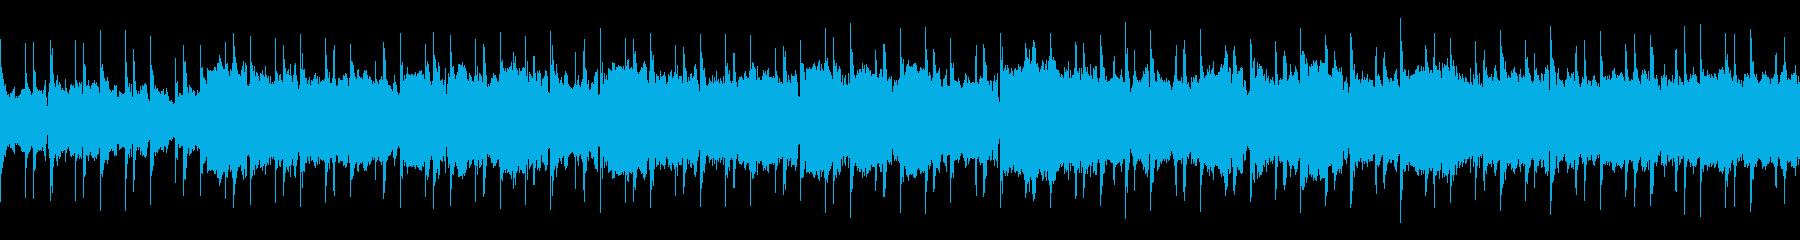 ギルドで流れそうな叙情的ケルト風の曲の再生済みの波形